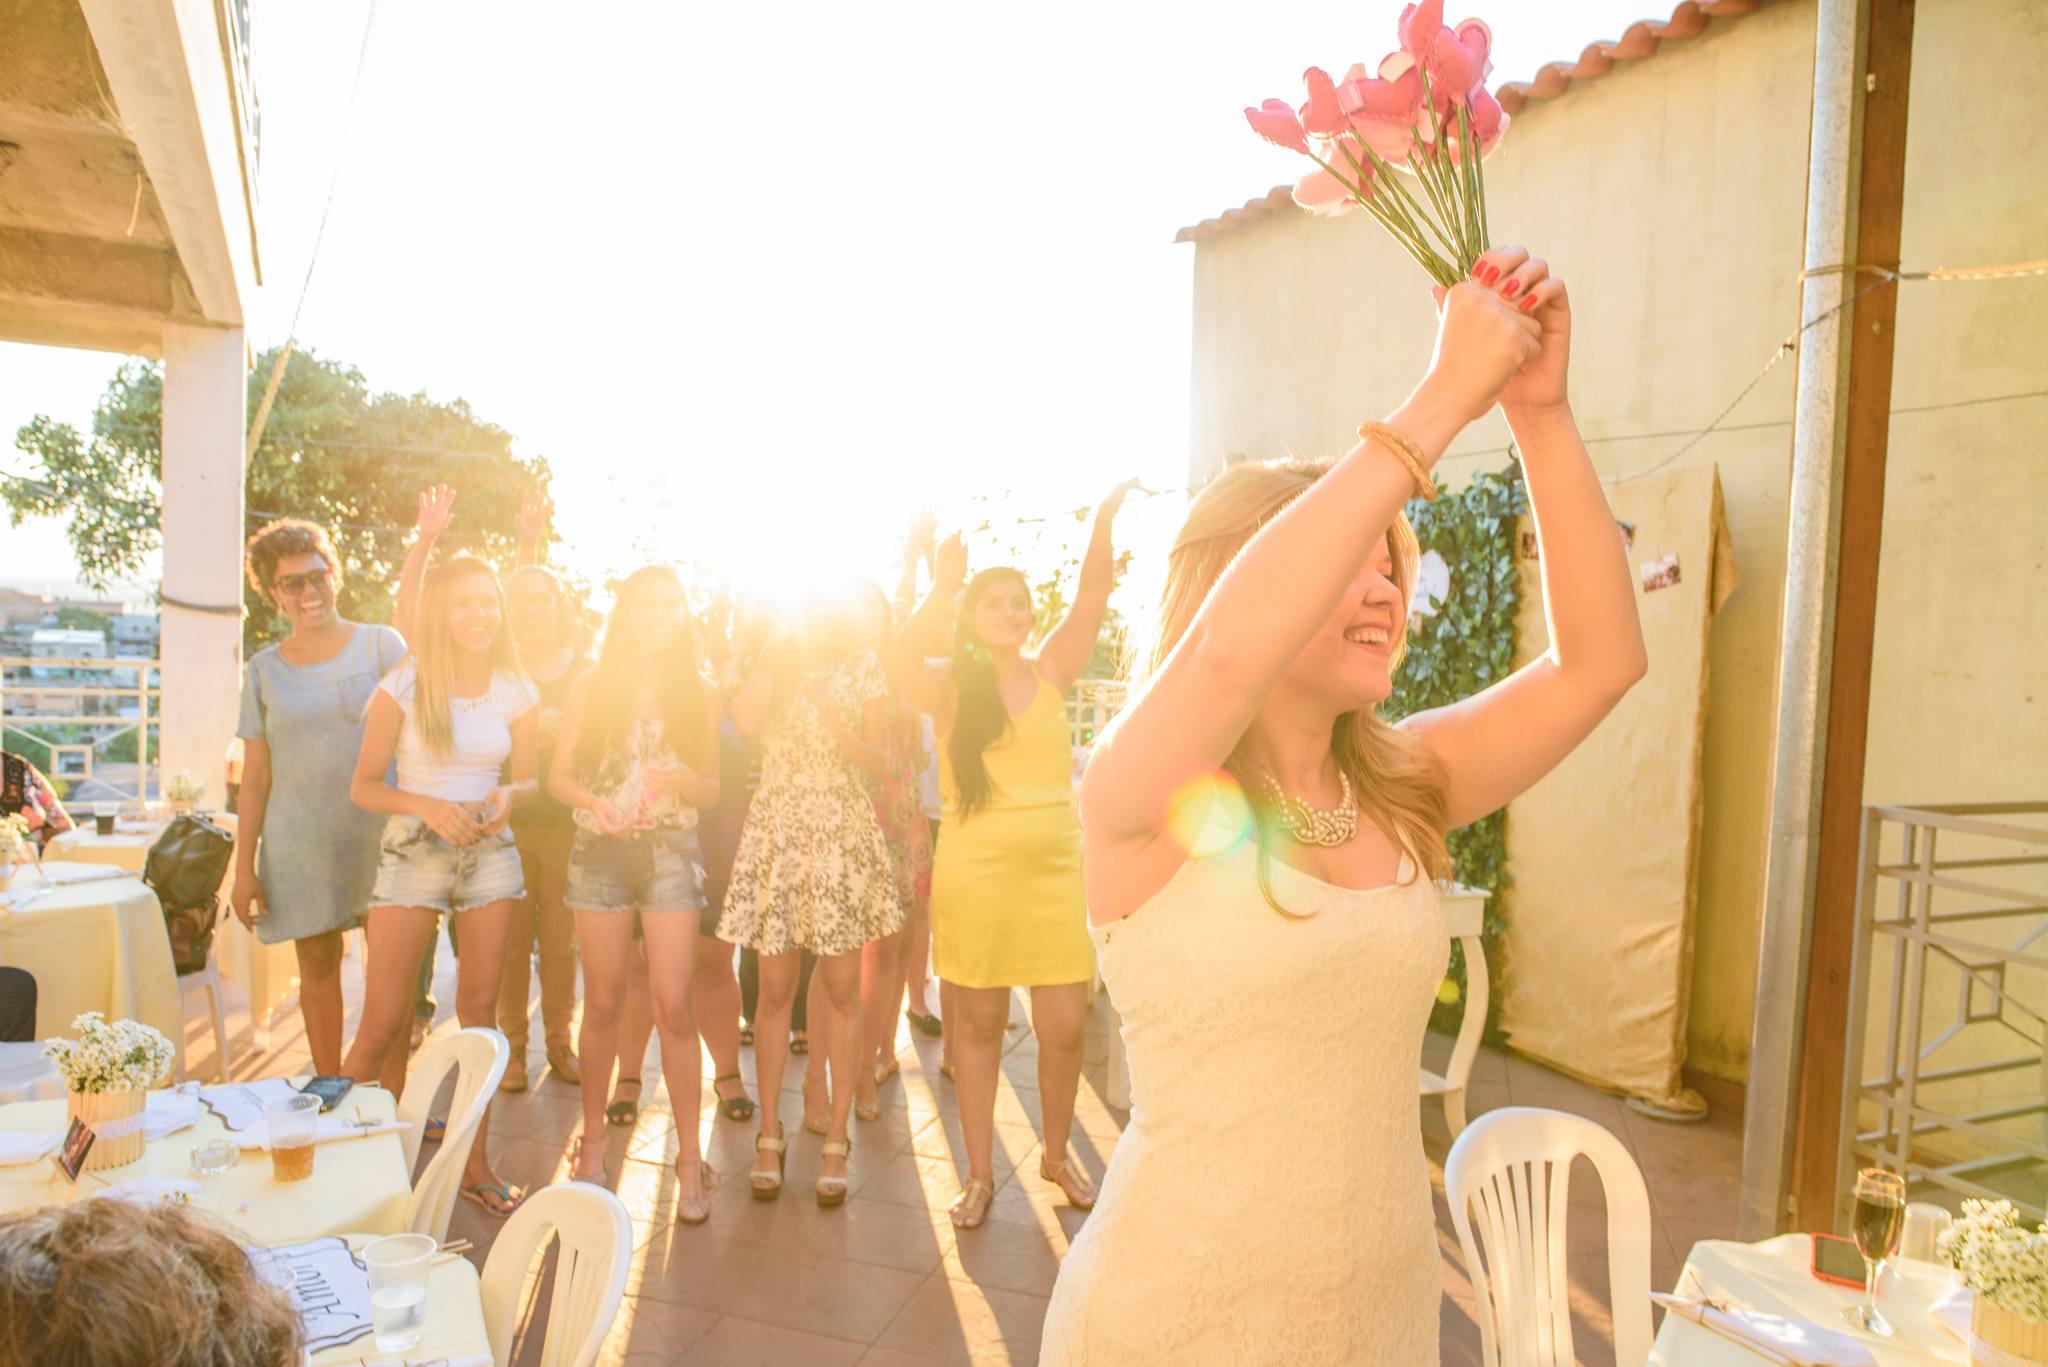 Noiva passa mal e perde própria festa de casamento em BH, mas amigos fazem linda surpresa 9